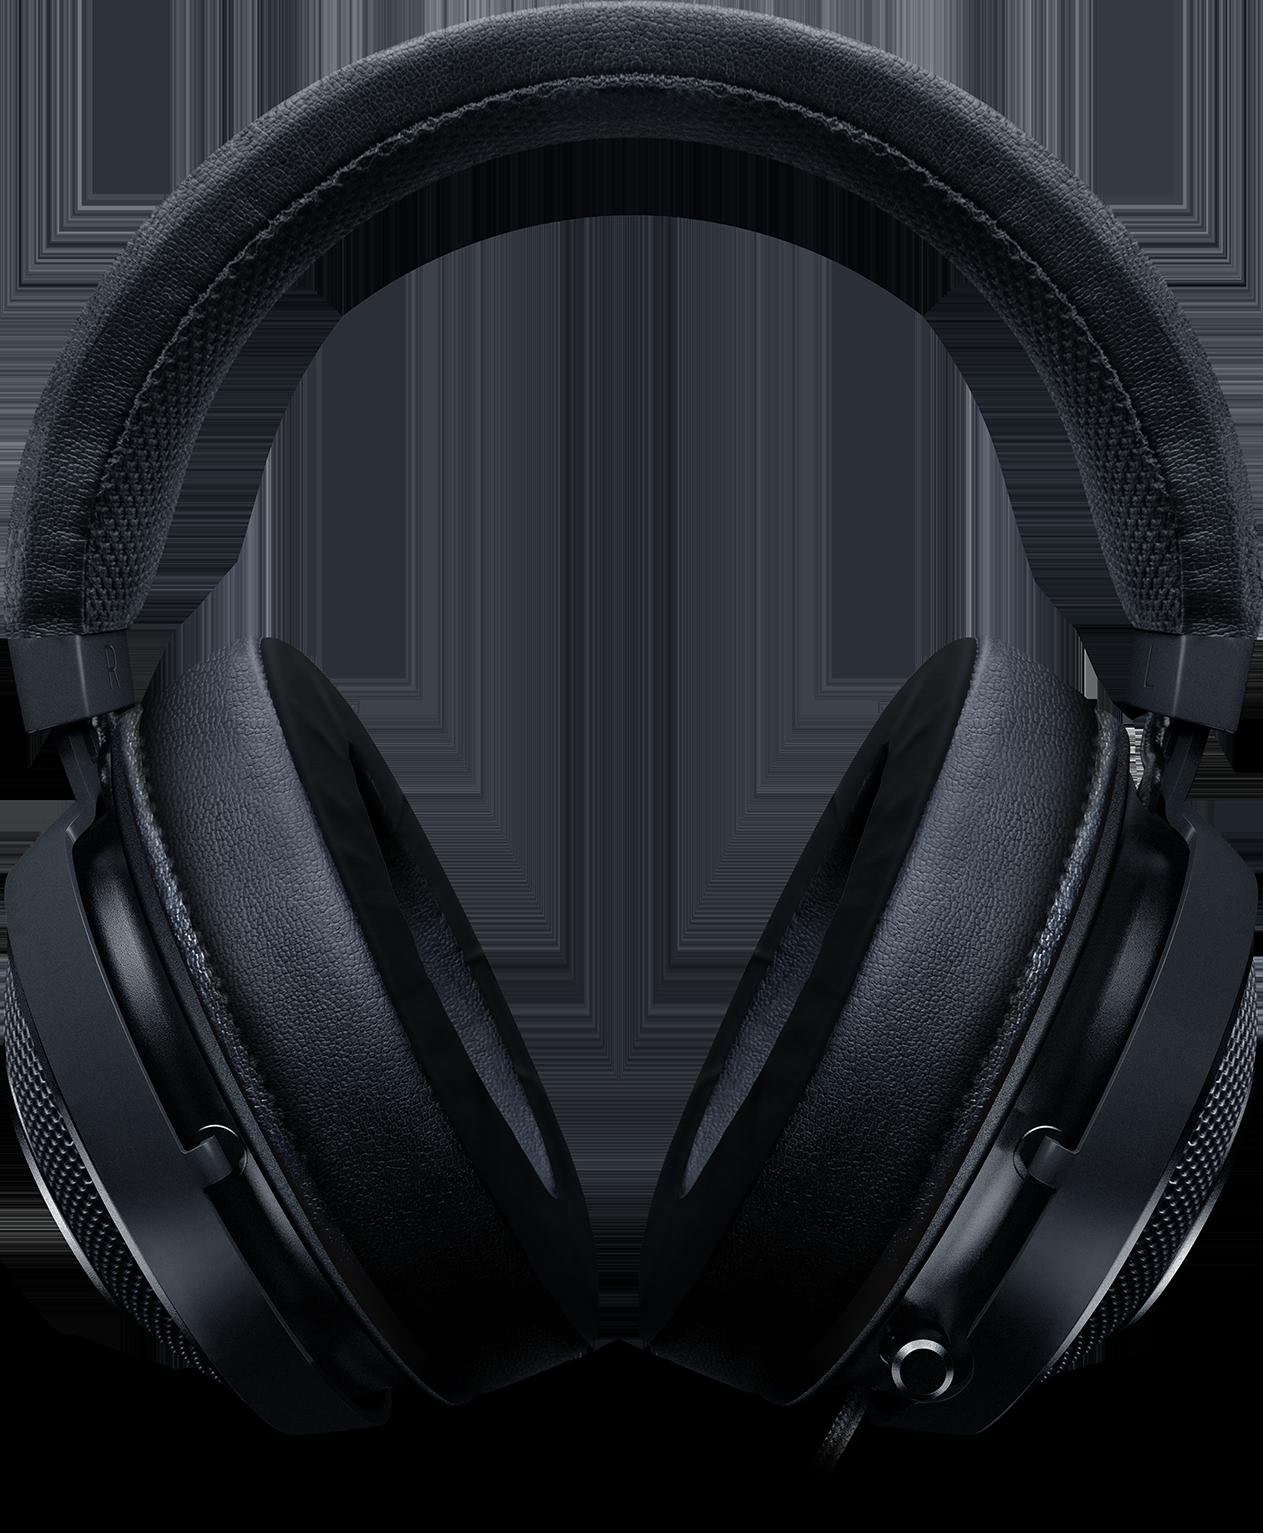 Image of Razer Kraken Wired Gaming Headset